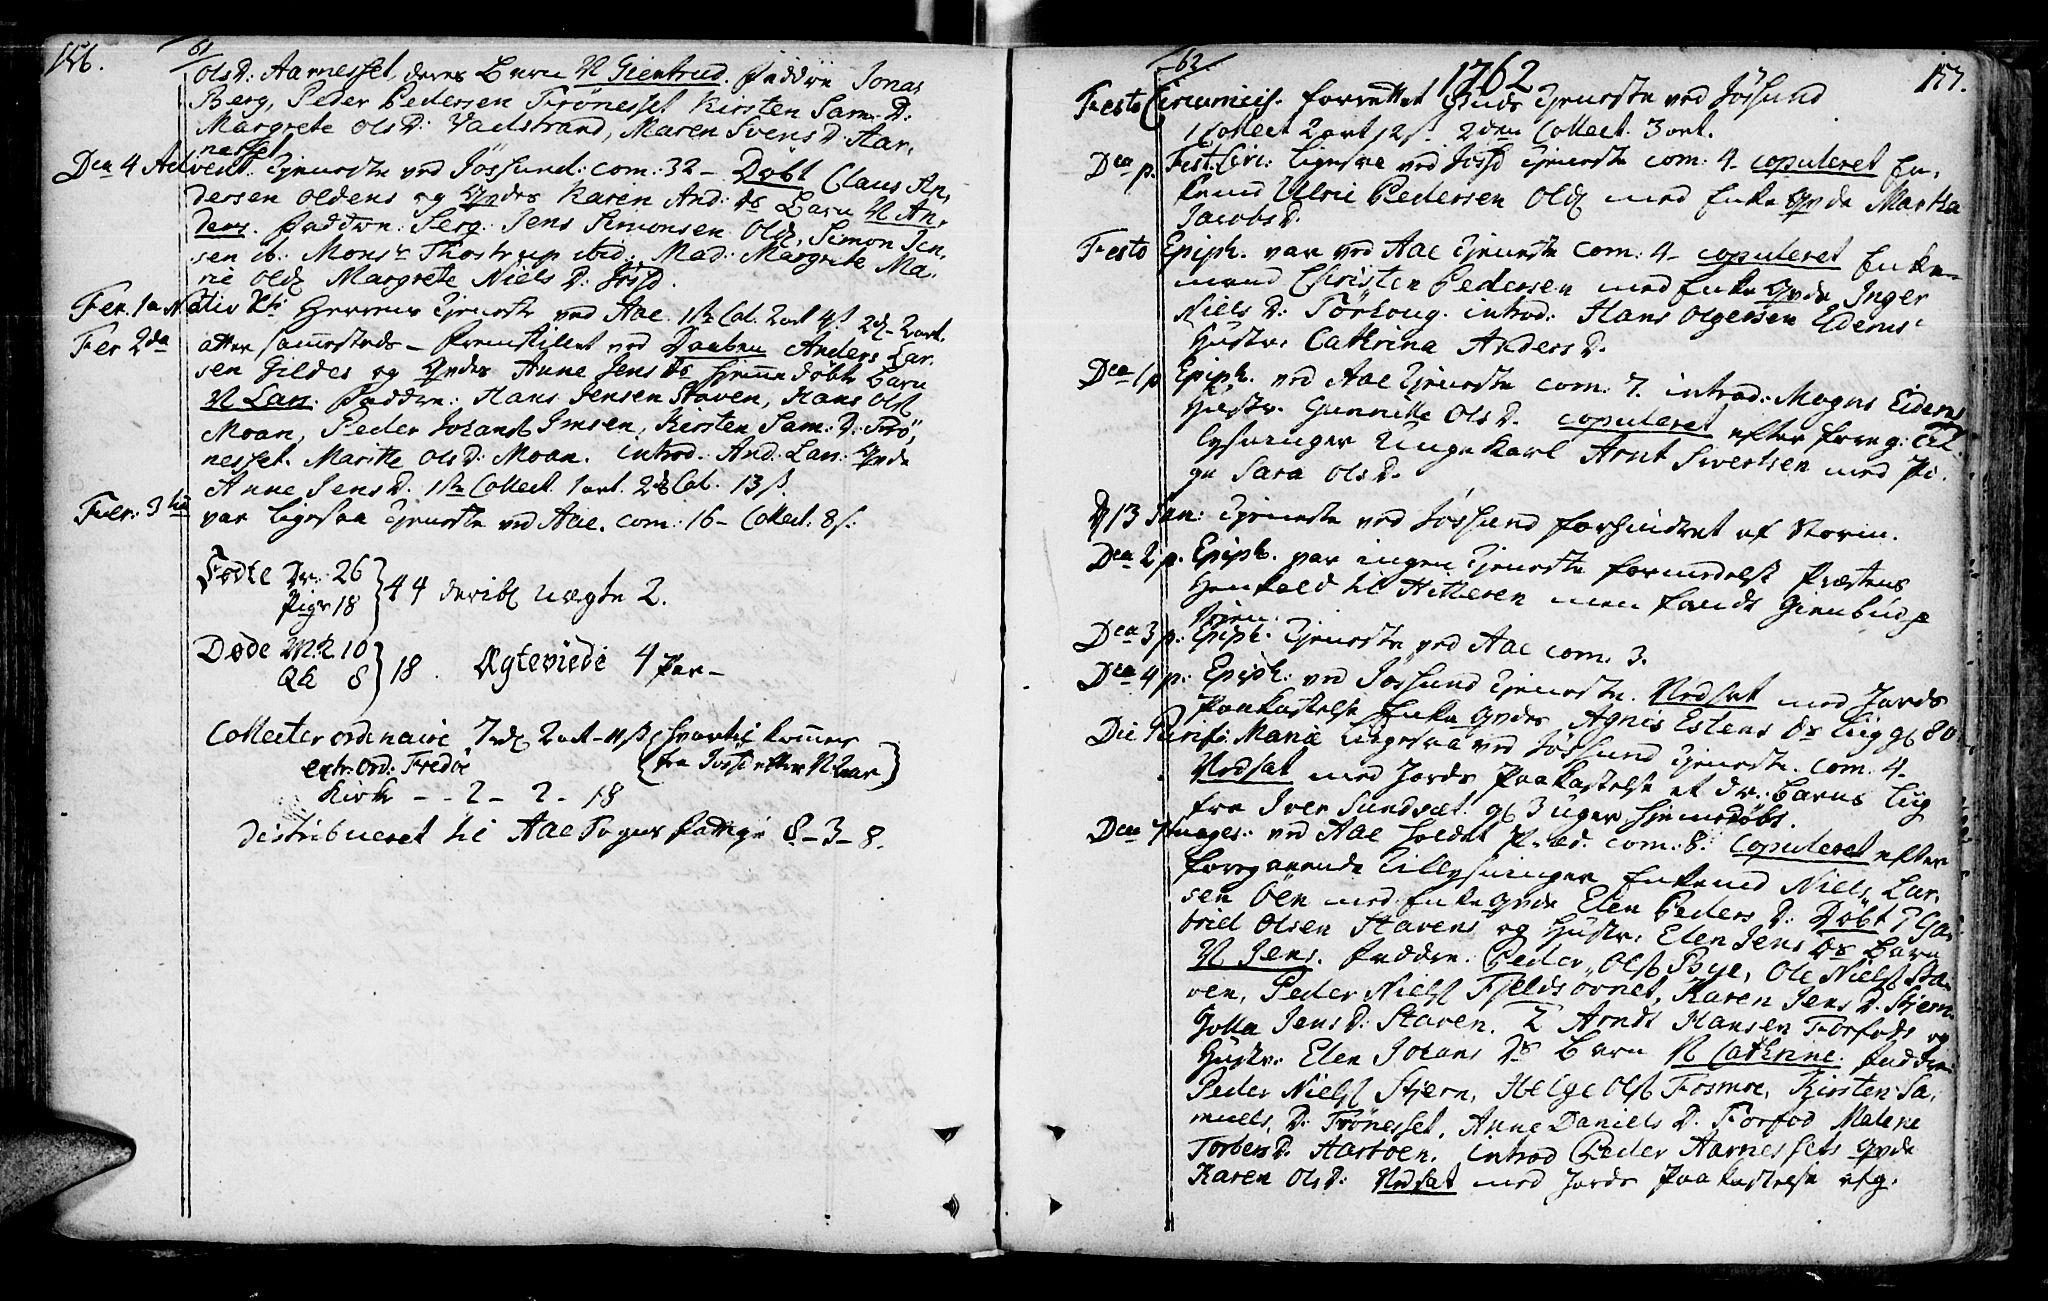 SAT, Ministerialprotokoller, klokkerbøker og fødselsregistre - Sør-Trøndelag, 655/L0672: Ministerialbok nr. 655A01, 1750-1779, s. 156-157